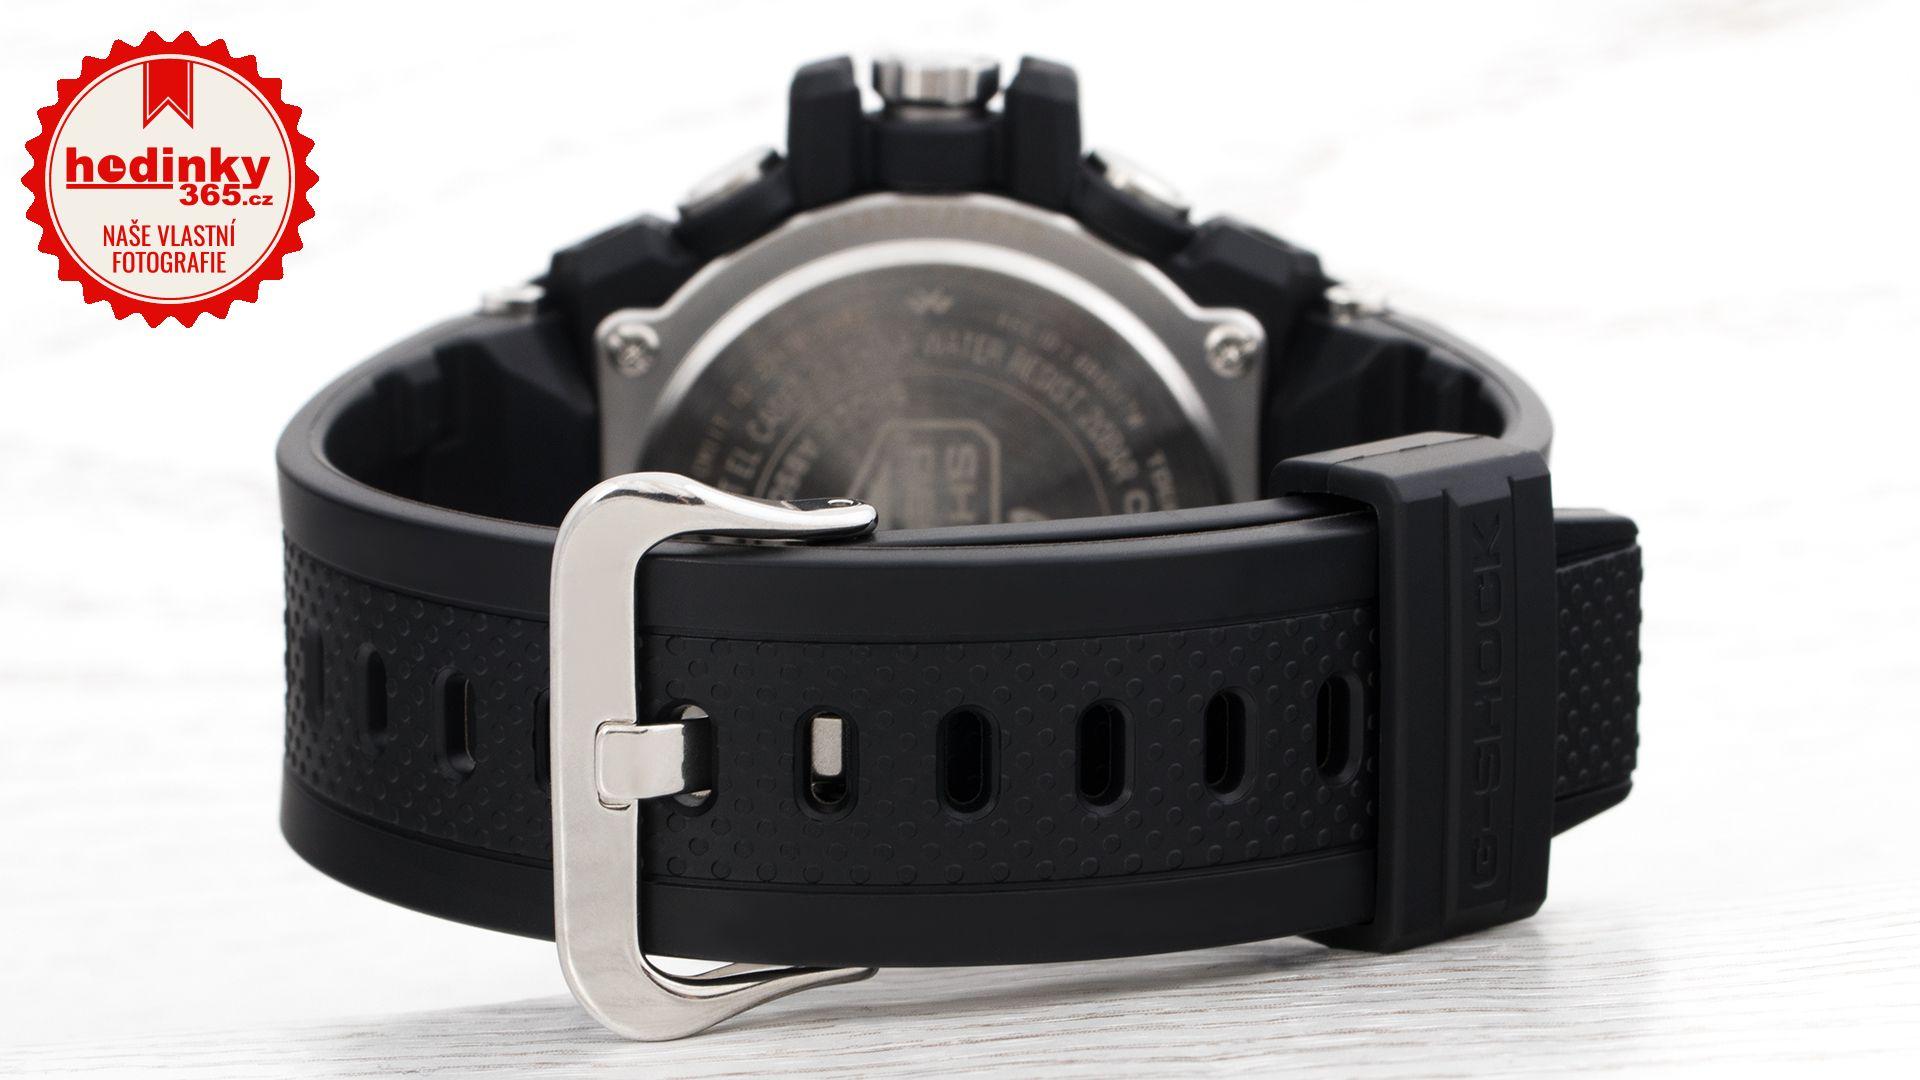 0630ed9ee Pánské hodinky - pryskyřicový řemínek, pryskyřice pouzdro, minerální  sklíčko. Veškeré technické parametry naleznete níže